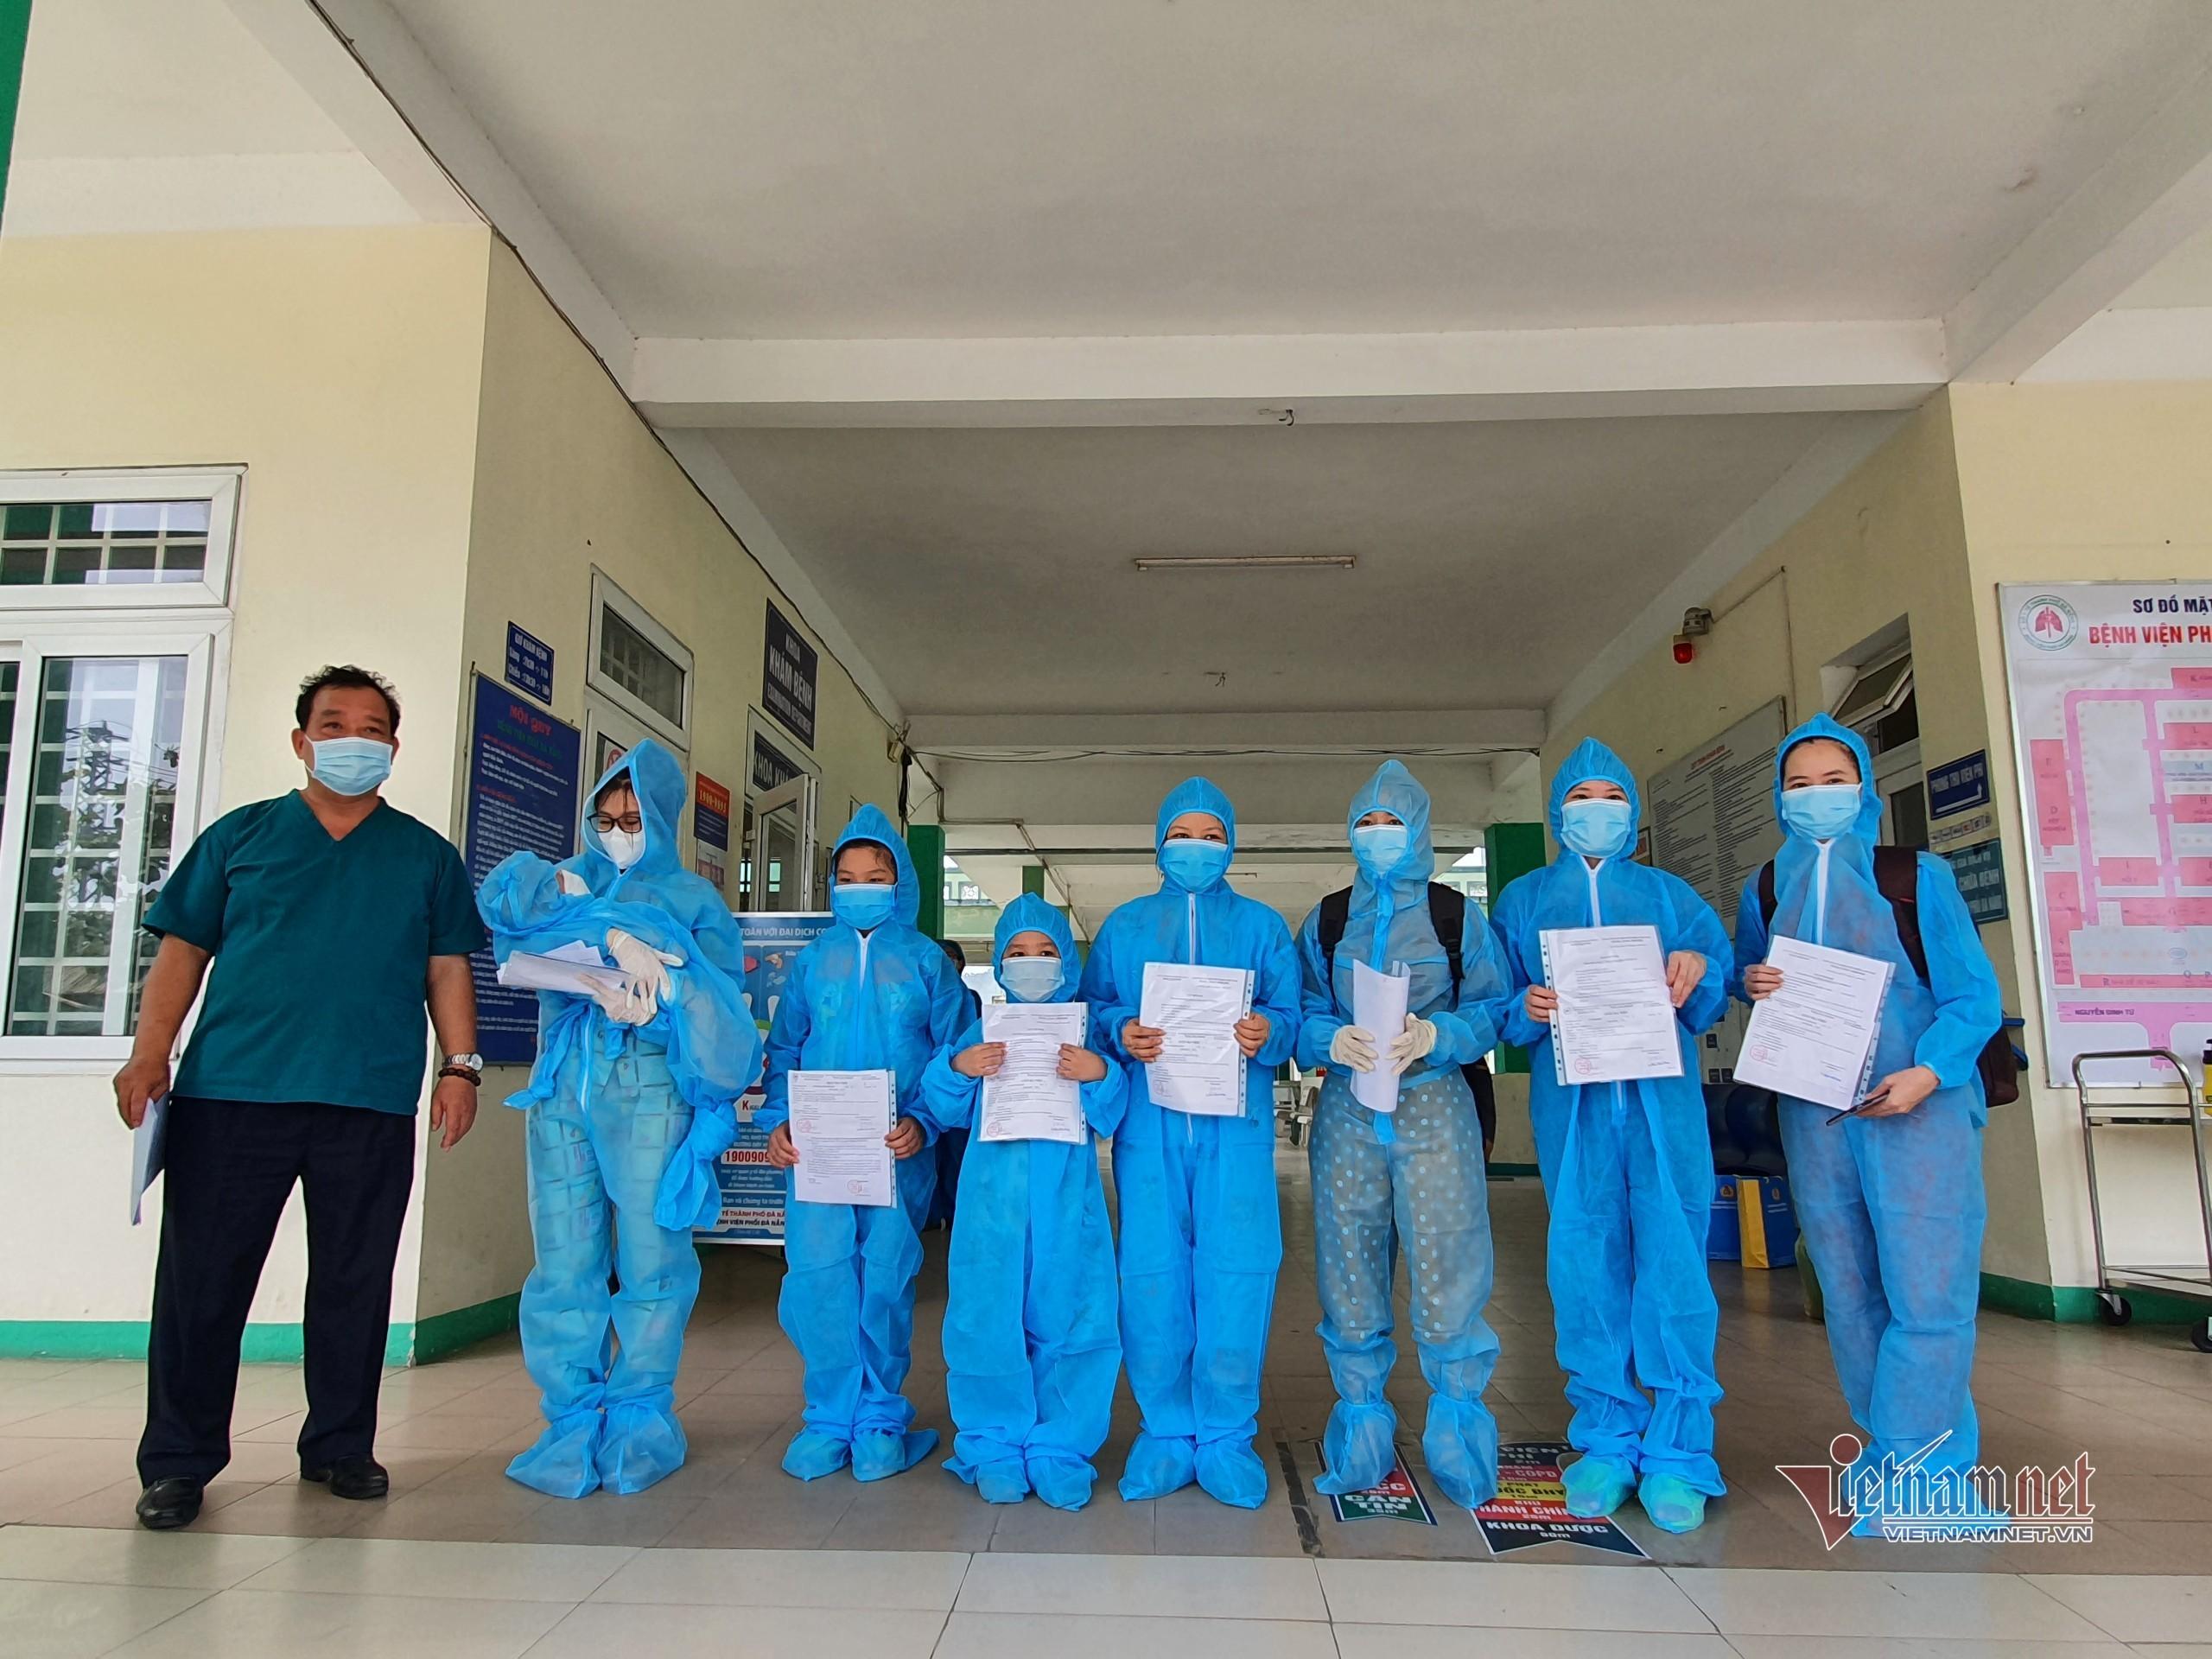 Bệnh nhân Covid-19 nhỏ tuổi nhất ở Đà Nẵng xuất viện